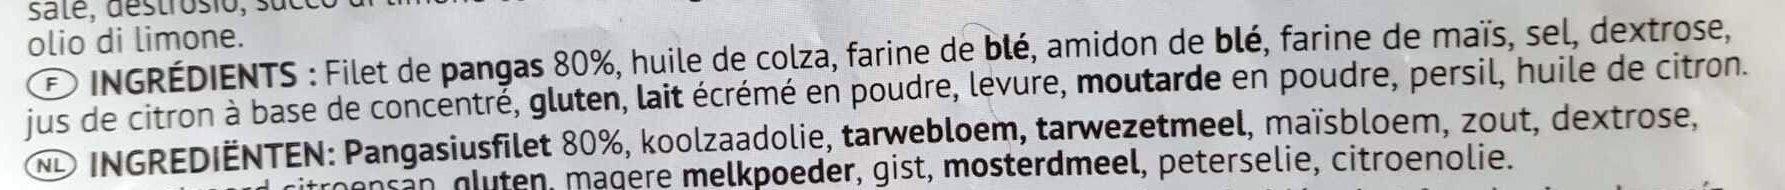 """Pangasius """"Petit"""" - Ingredients - fr"""